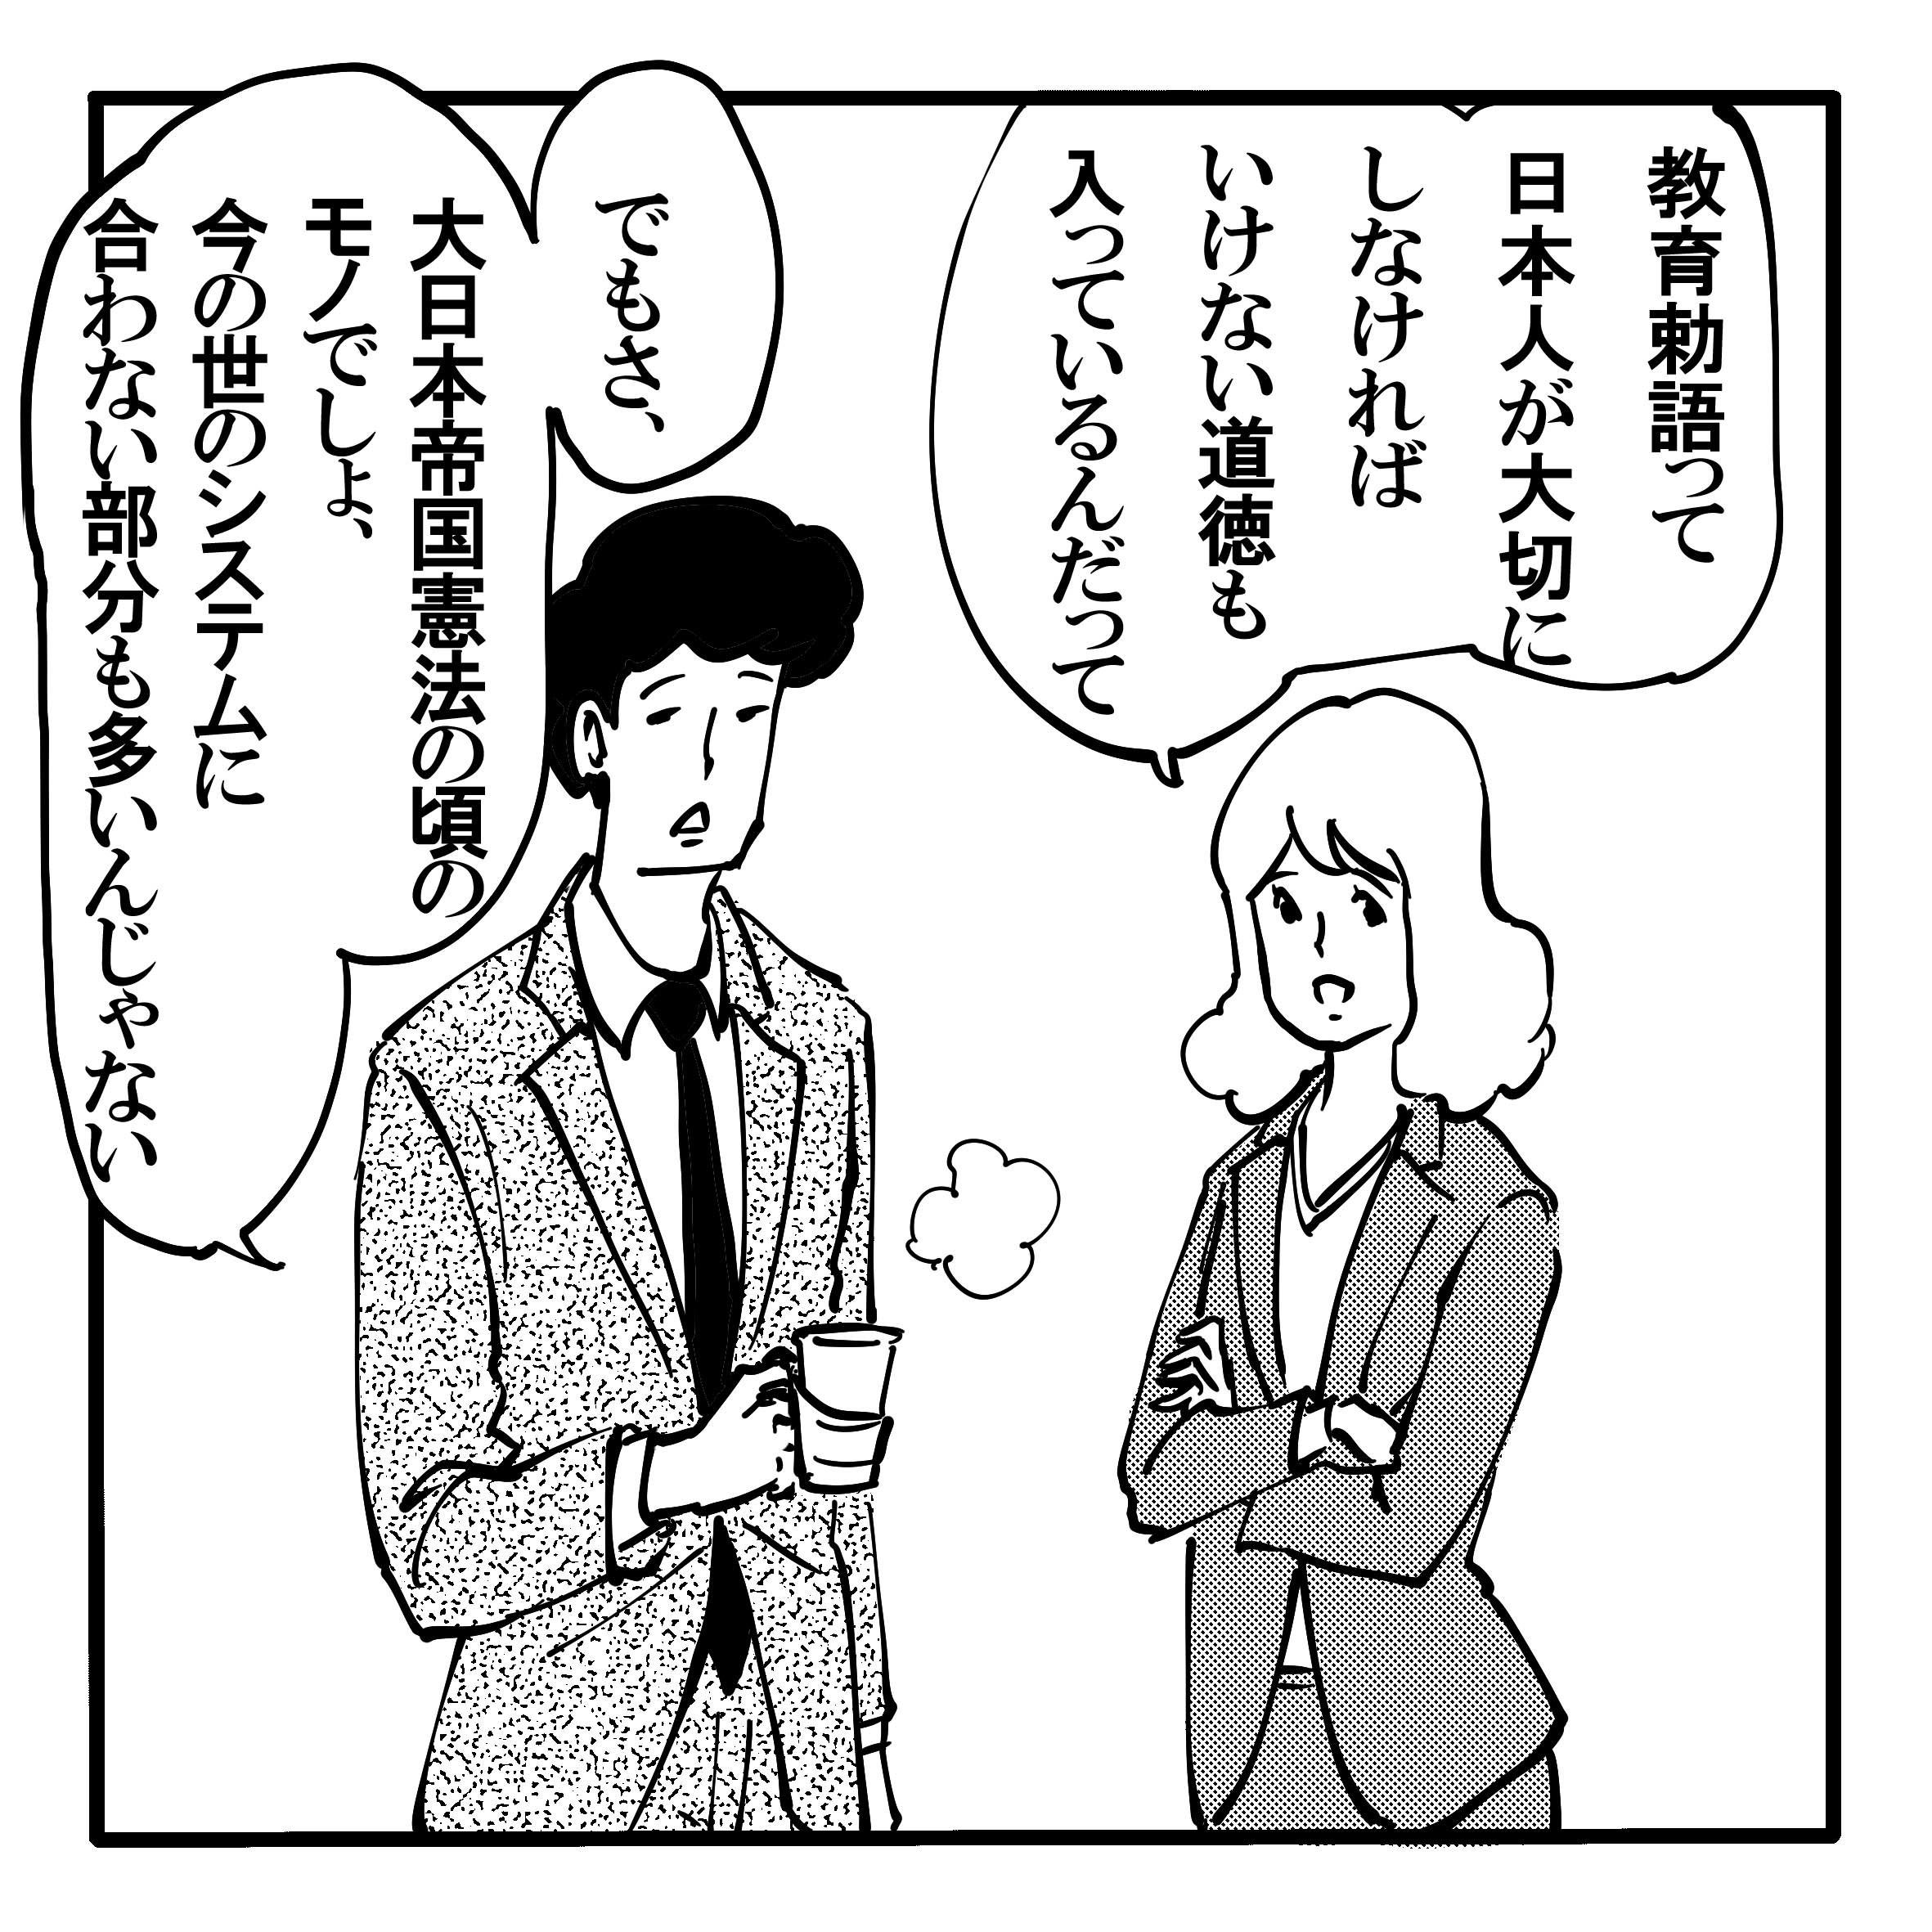 憲法学者・木村草太氏に聞く。やたらと教育勅語を持ち上げる政治家のなぜ。